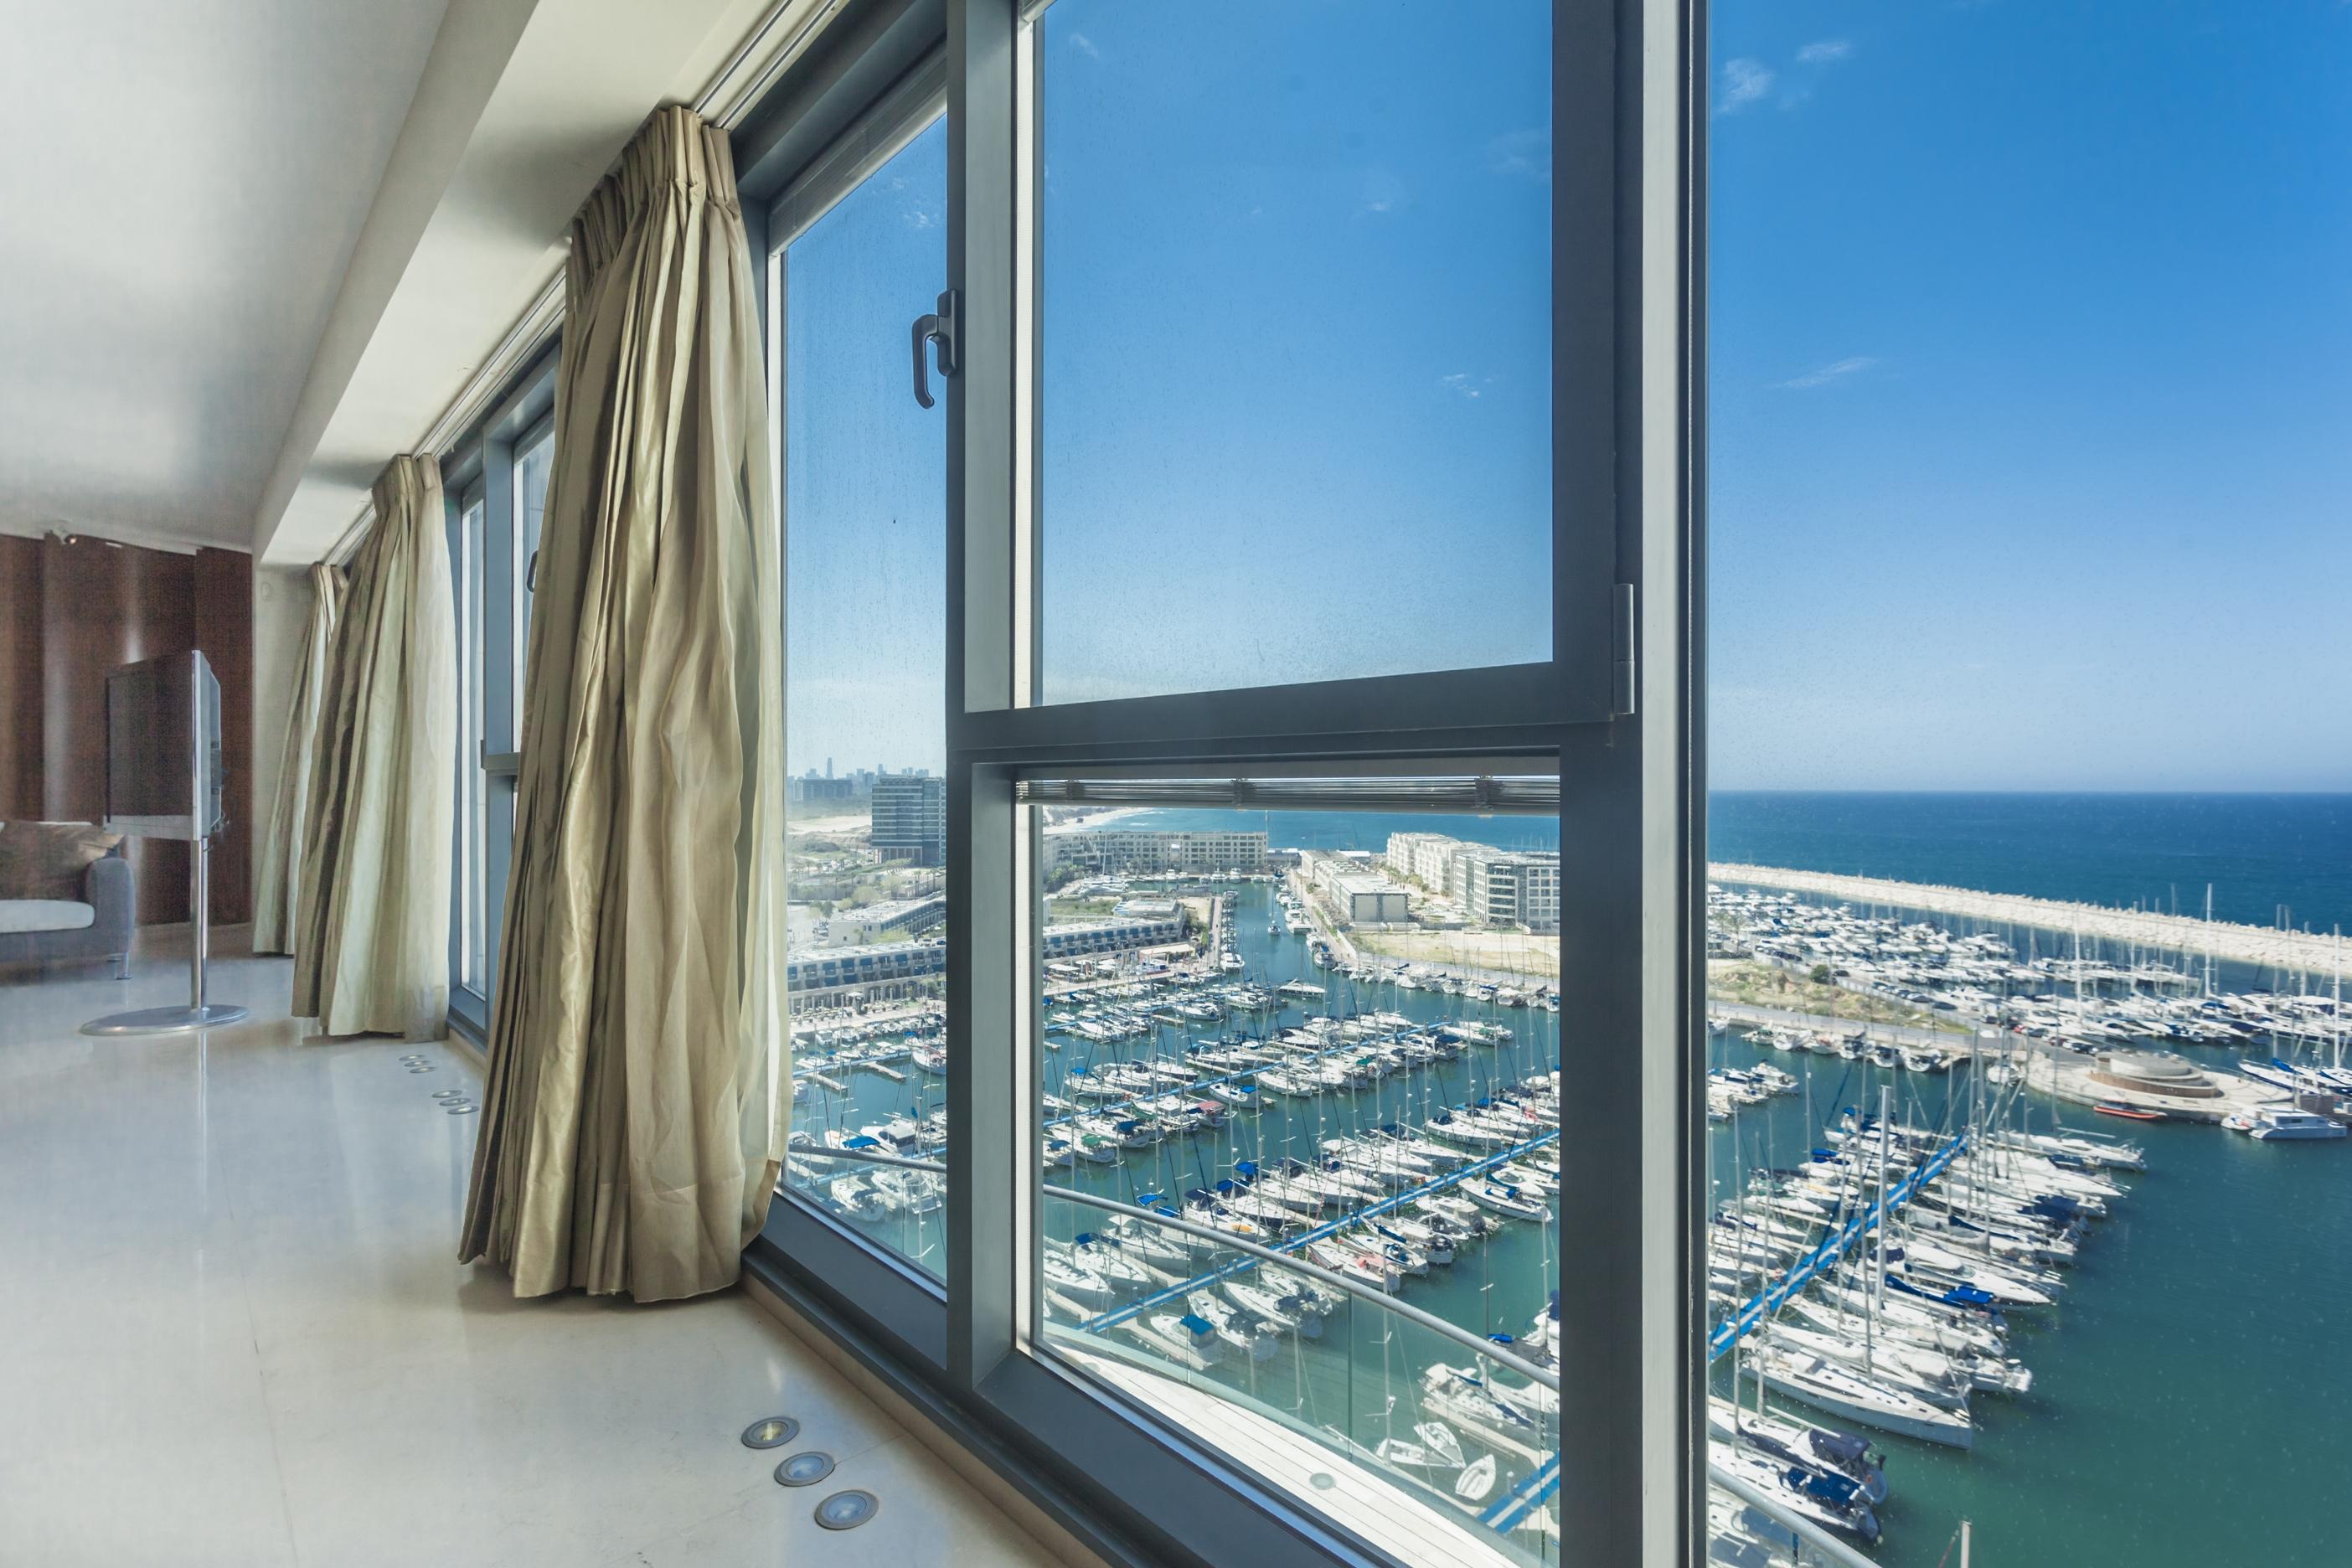 Квартира на средиземном море купить внж германия 2019